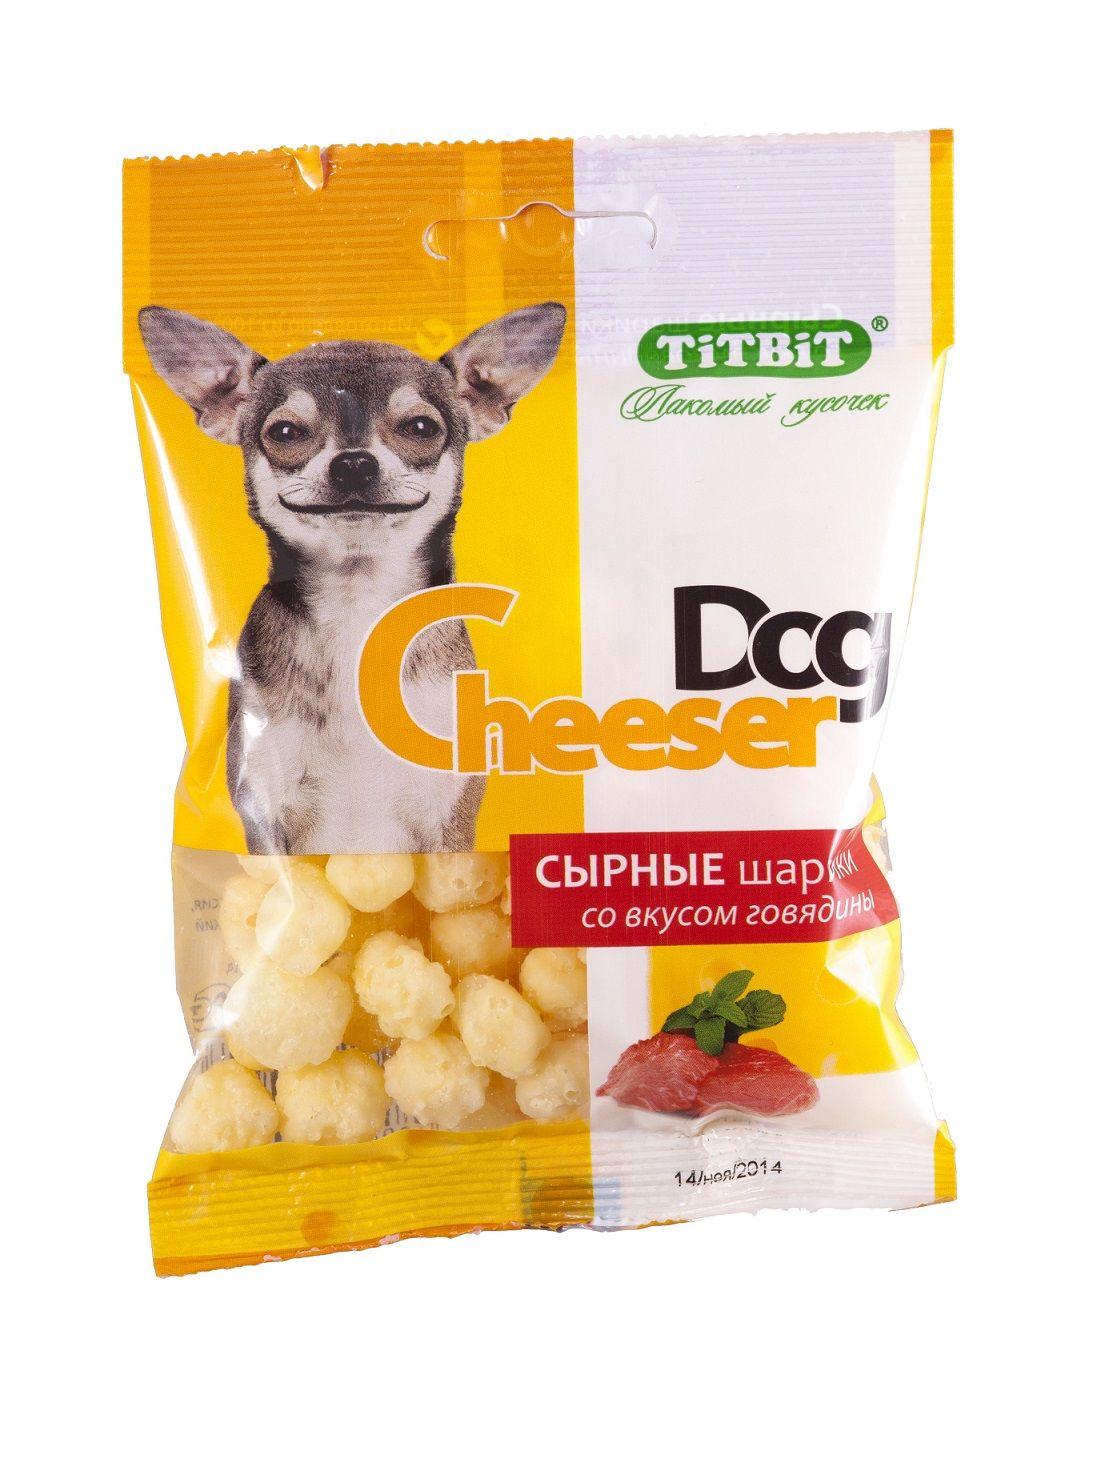 Сырные шарики TiTBiT Cheeser Dog со вкусом говядины для собак